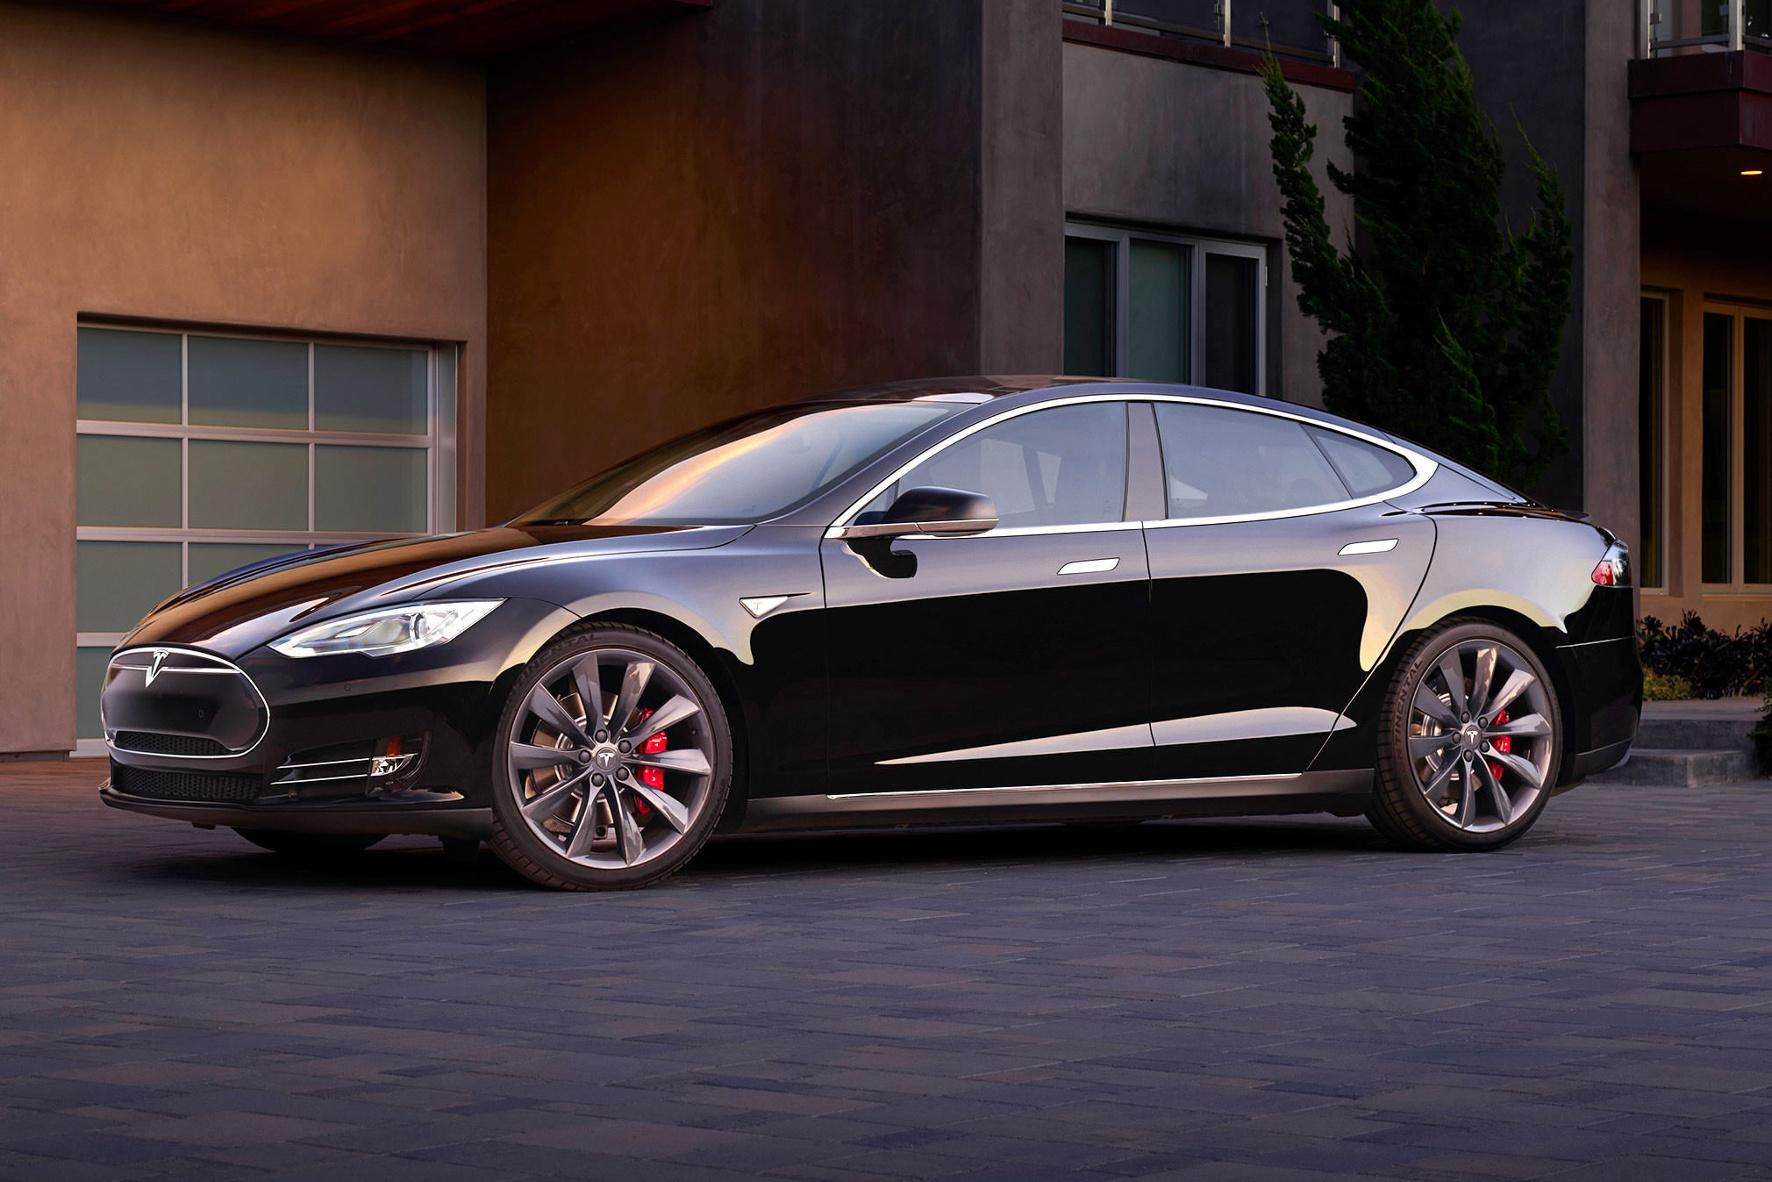 mid Groß-Gerau - Tesla gilt als Saubermann unter den Autobauern. Tesla